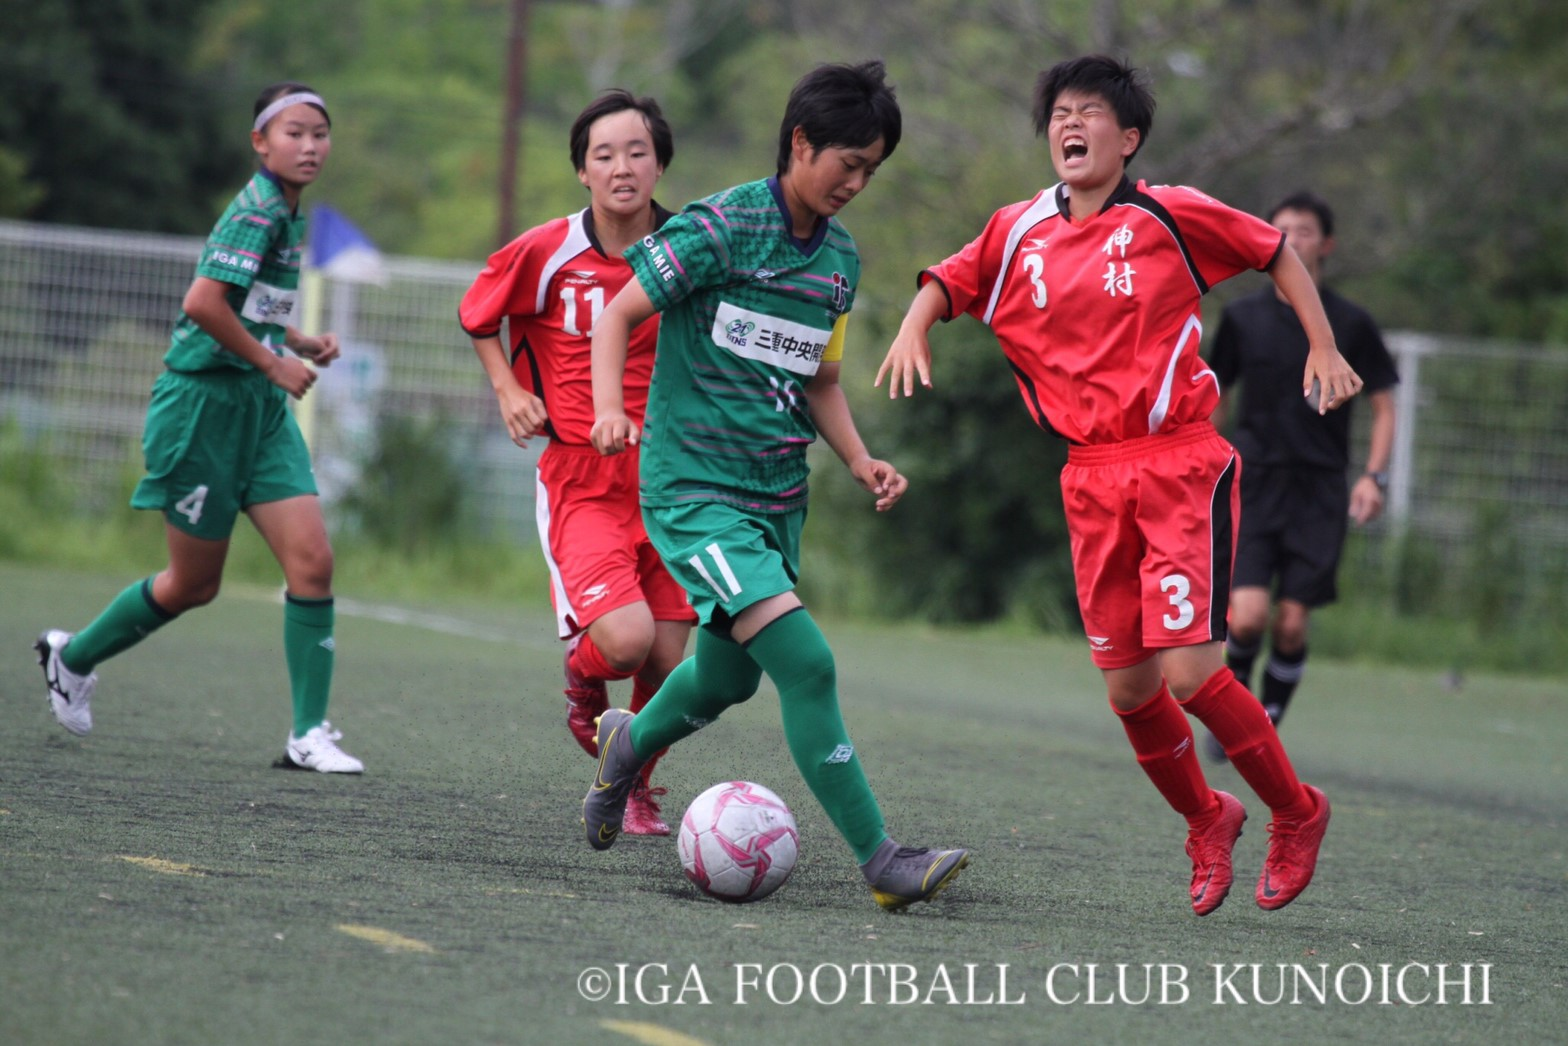 女子 神村 サッカー 学園